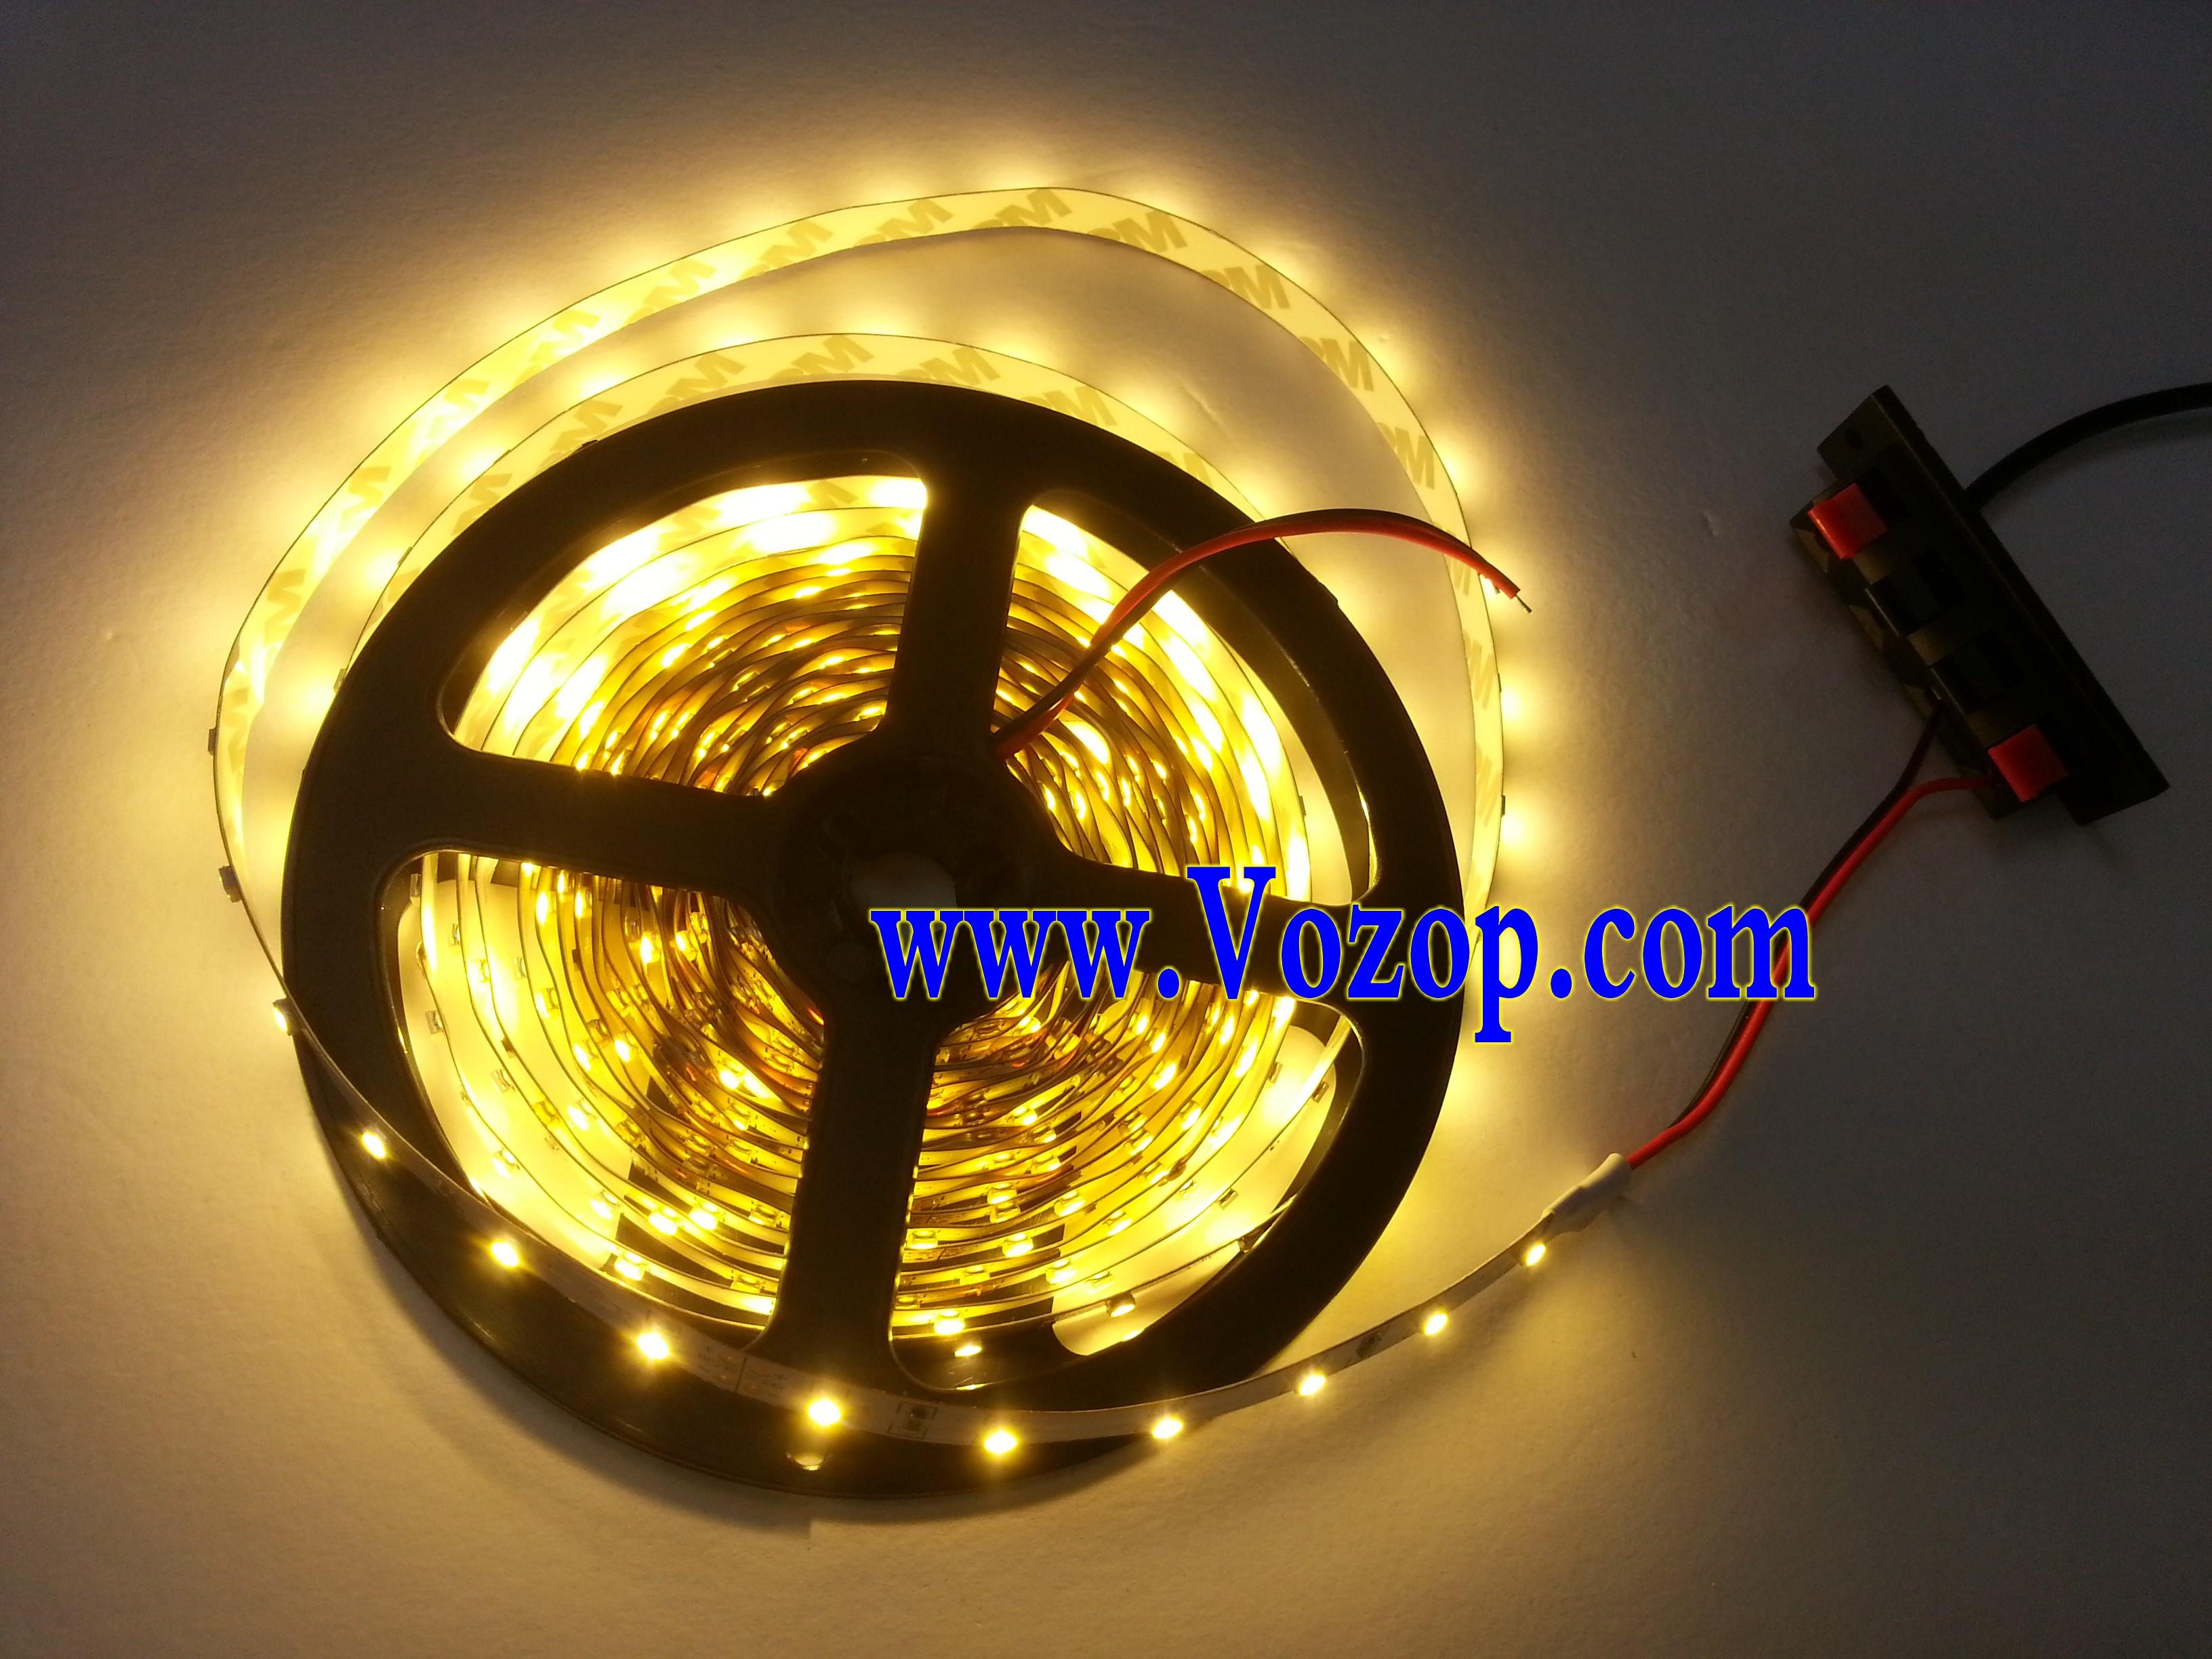 3528 led strip 24v 60led m smd3528 led lighting stripe led strips led controllers led bulbs. Black Bedroom Furniture Sets. Home Design Ideas